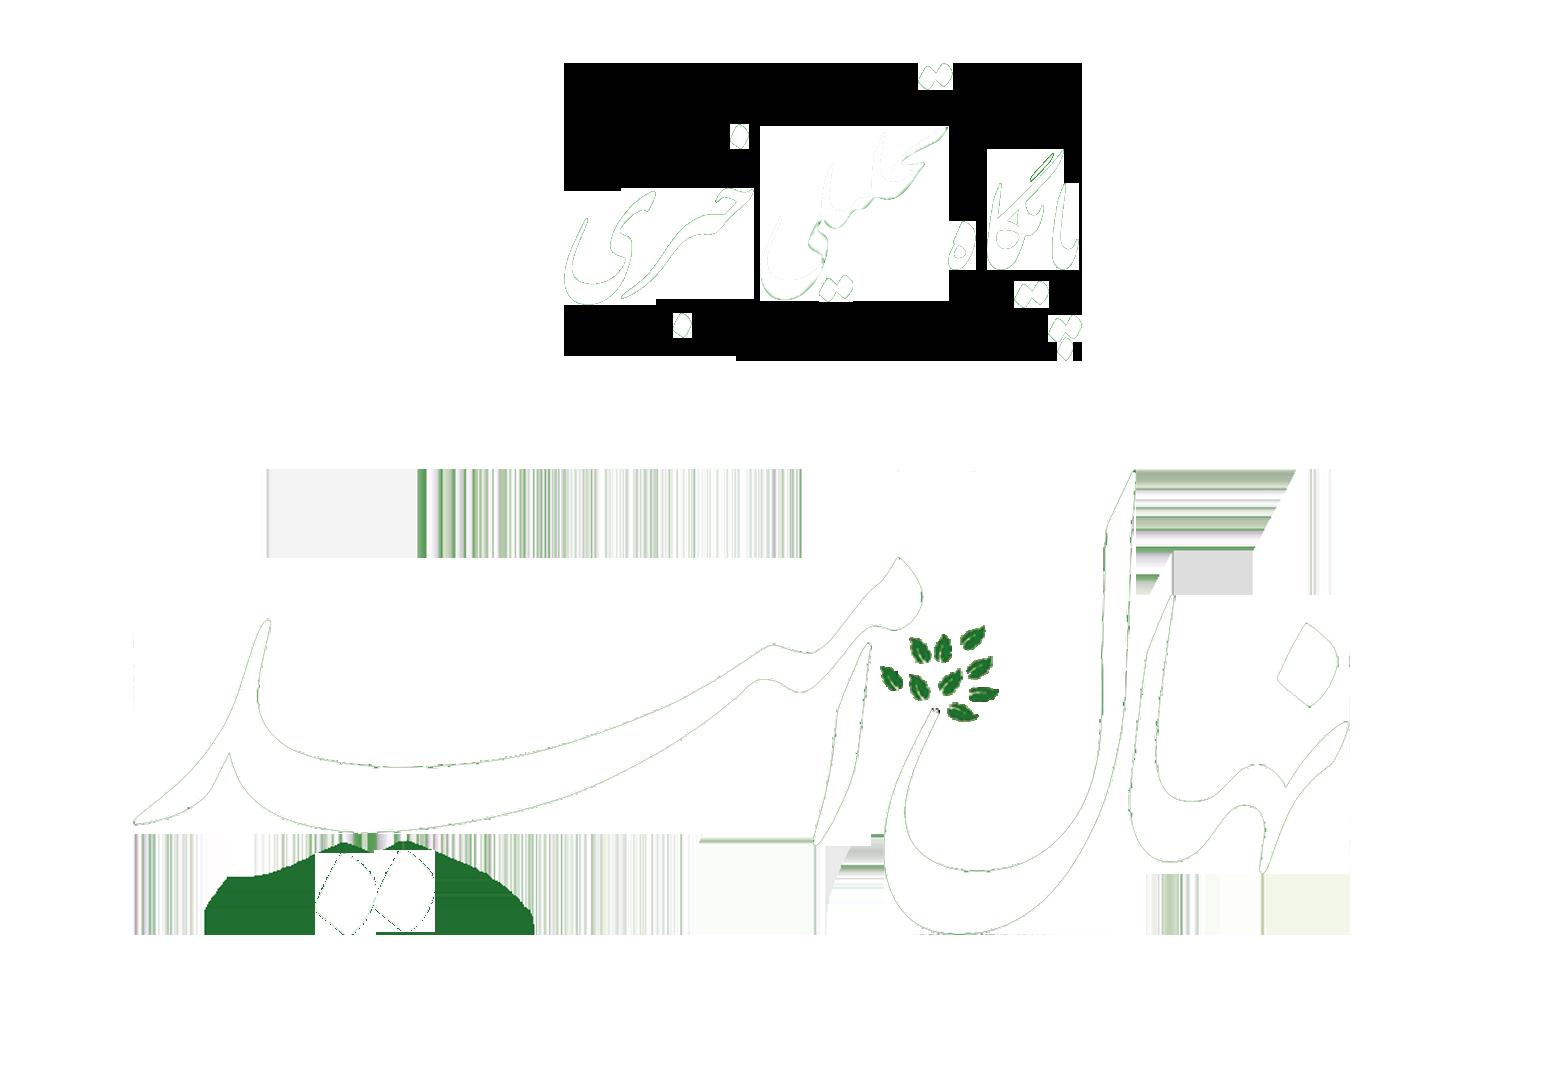 هفته نامه نهال امید | اخبار تبریز|اخبار استان آذربایجان شرقی|اخبار ایران